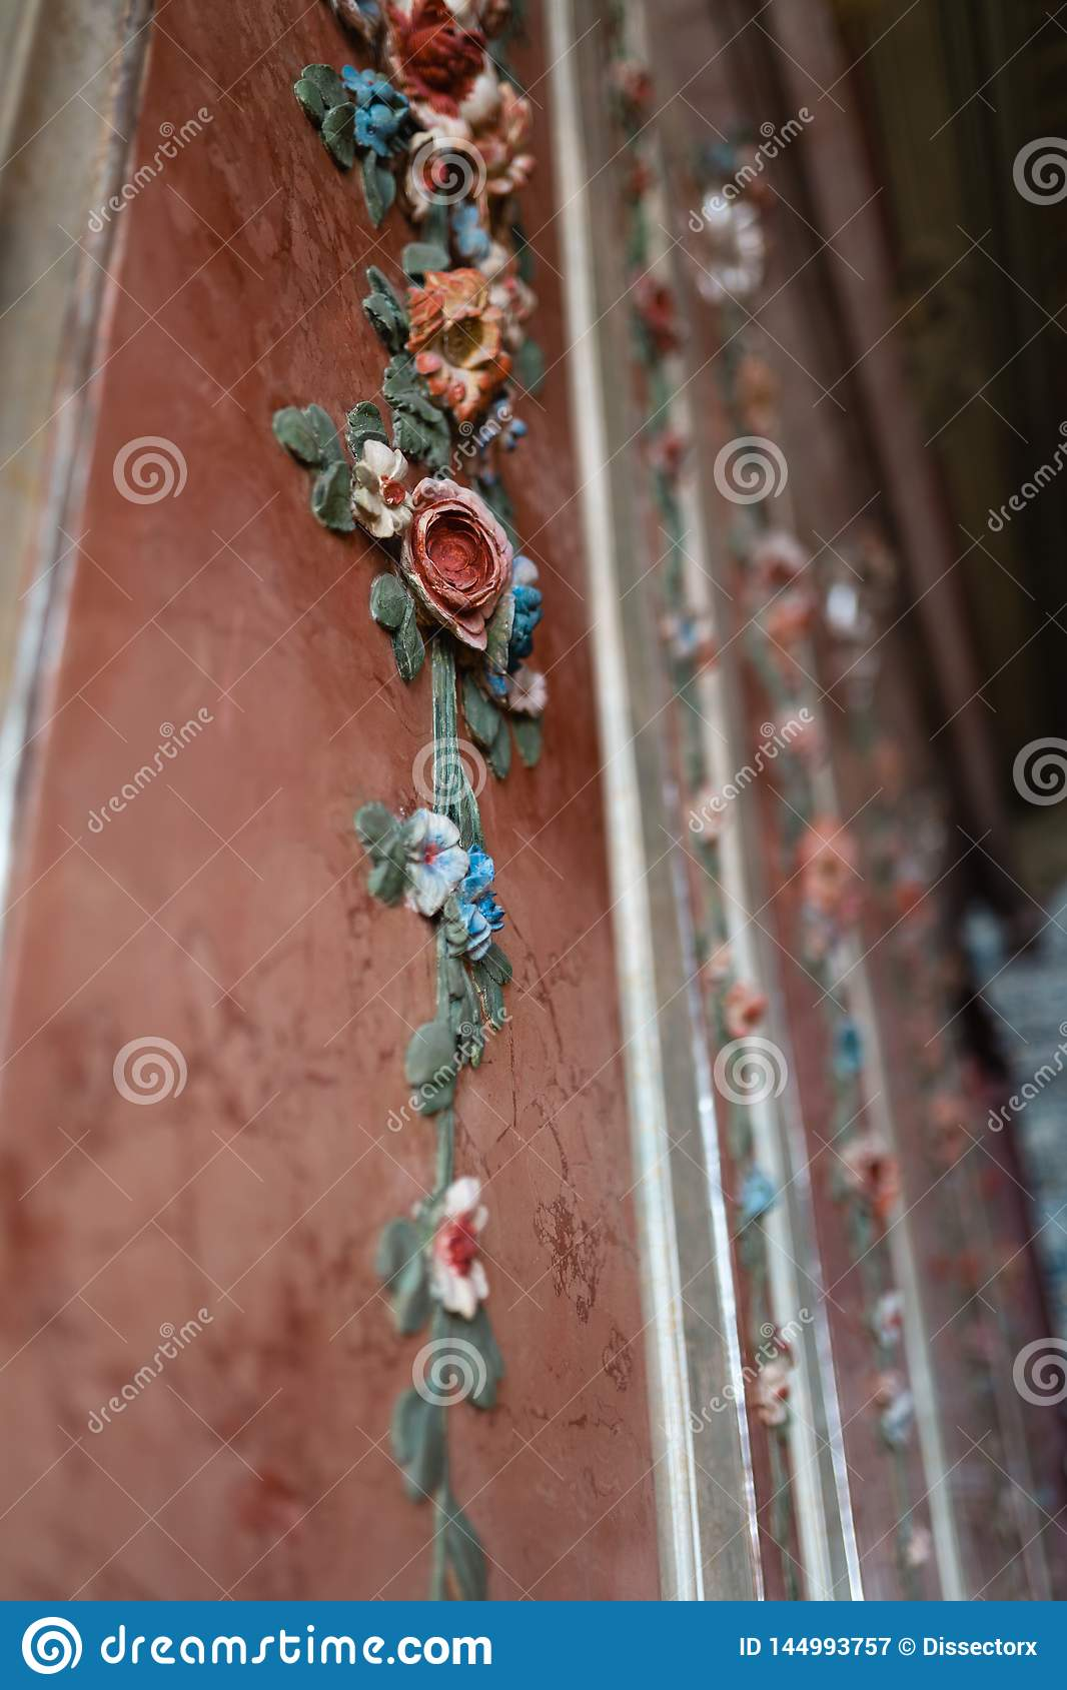 Βασιλική διακόσμηση λουλουδιών τοίχων παλατιών - ζωηρόχρωμη φύση νωπο